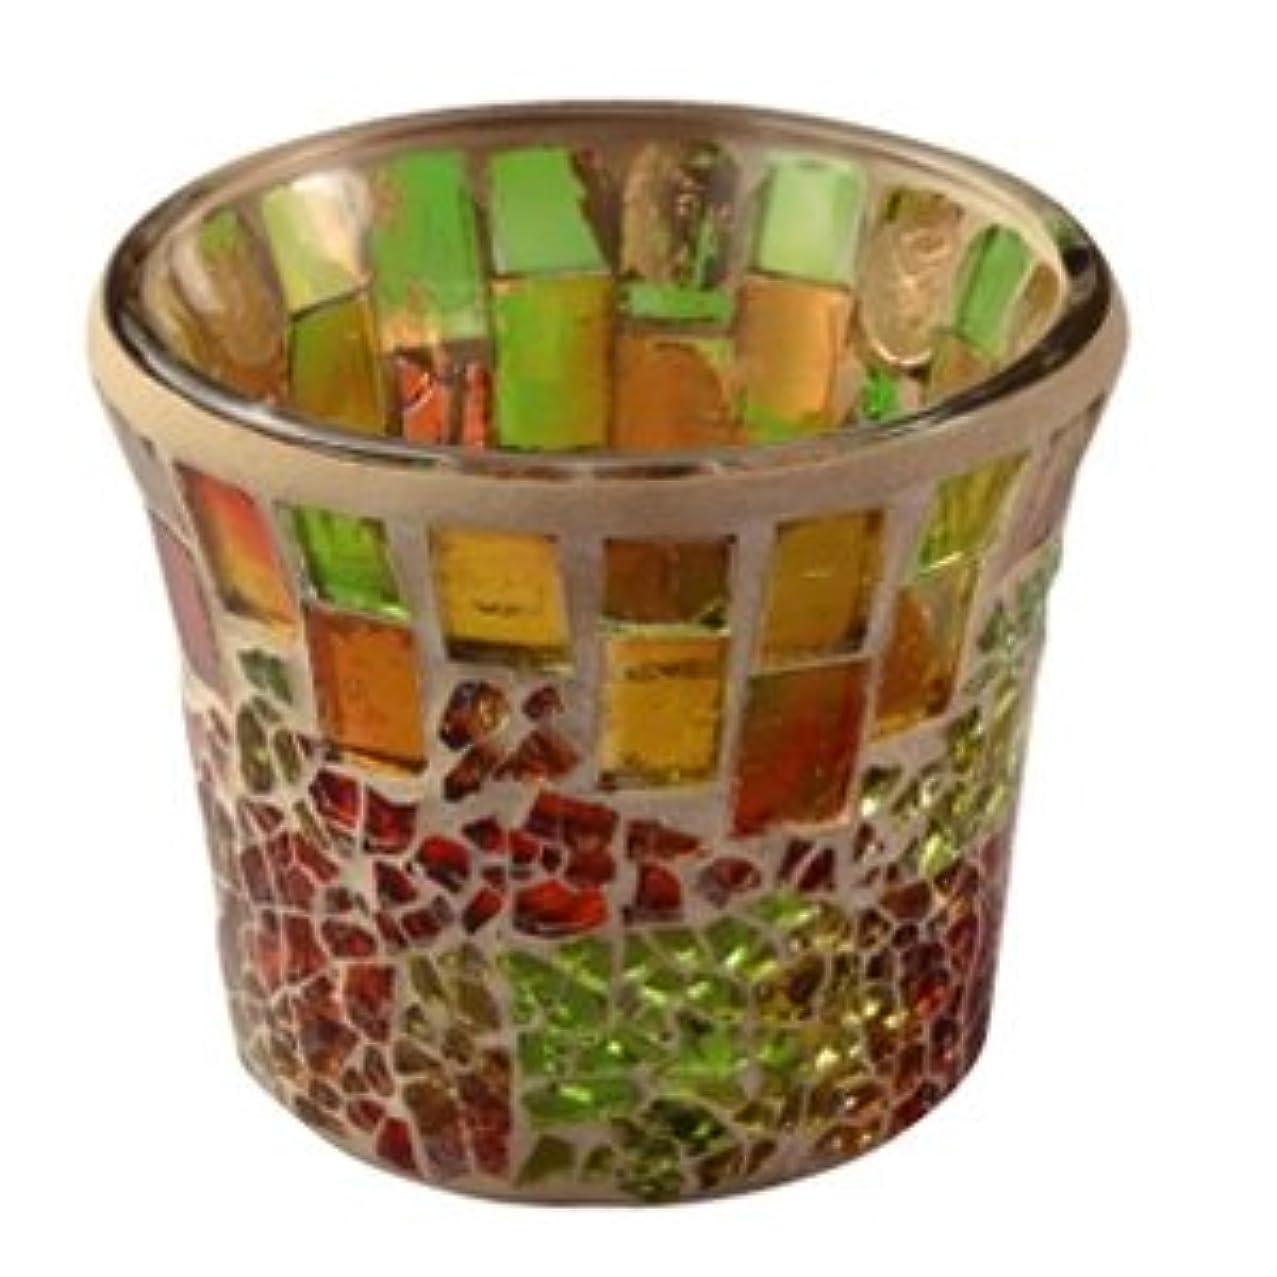 満足できる感性廃止キャンドル モザイクカップ クラシーク